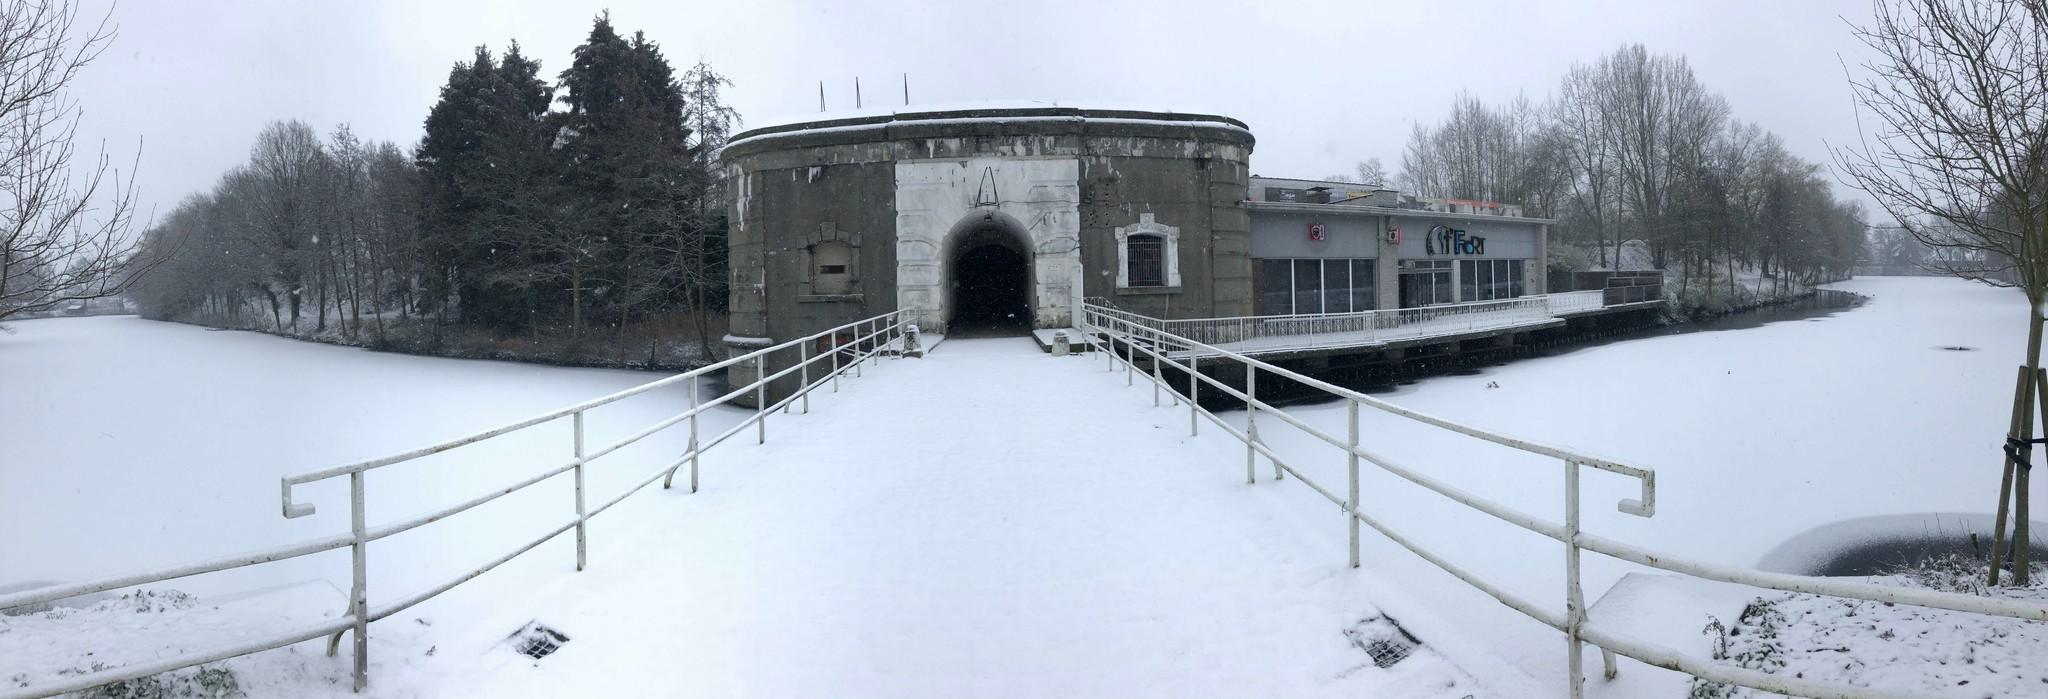 Fort Koningshooikt in de sneeuw